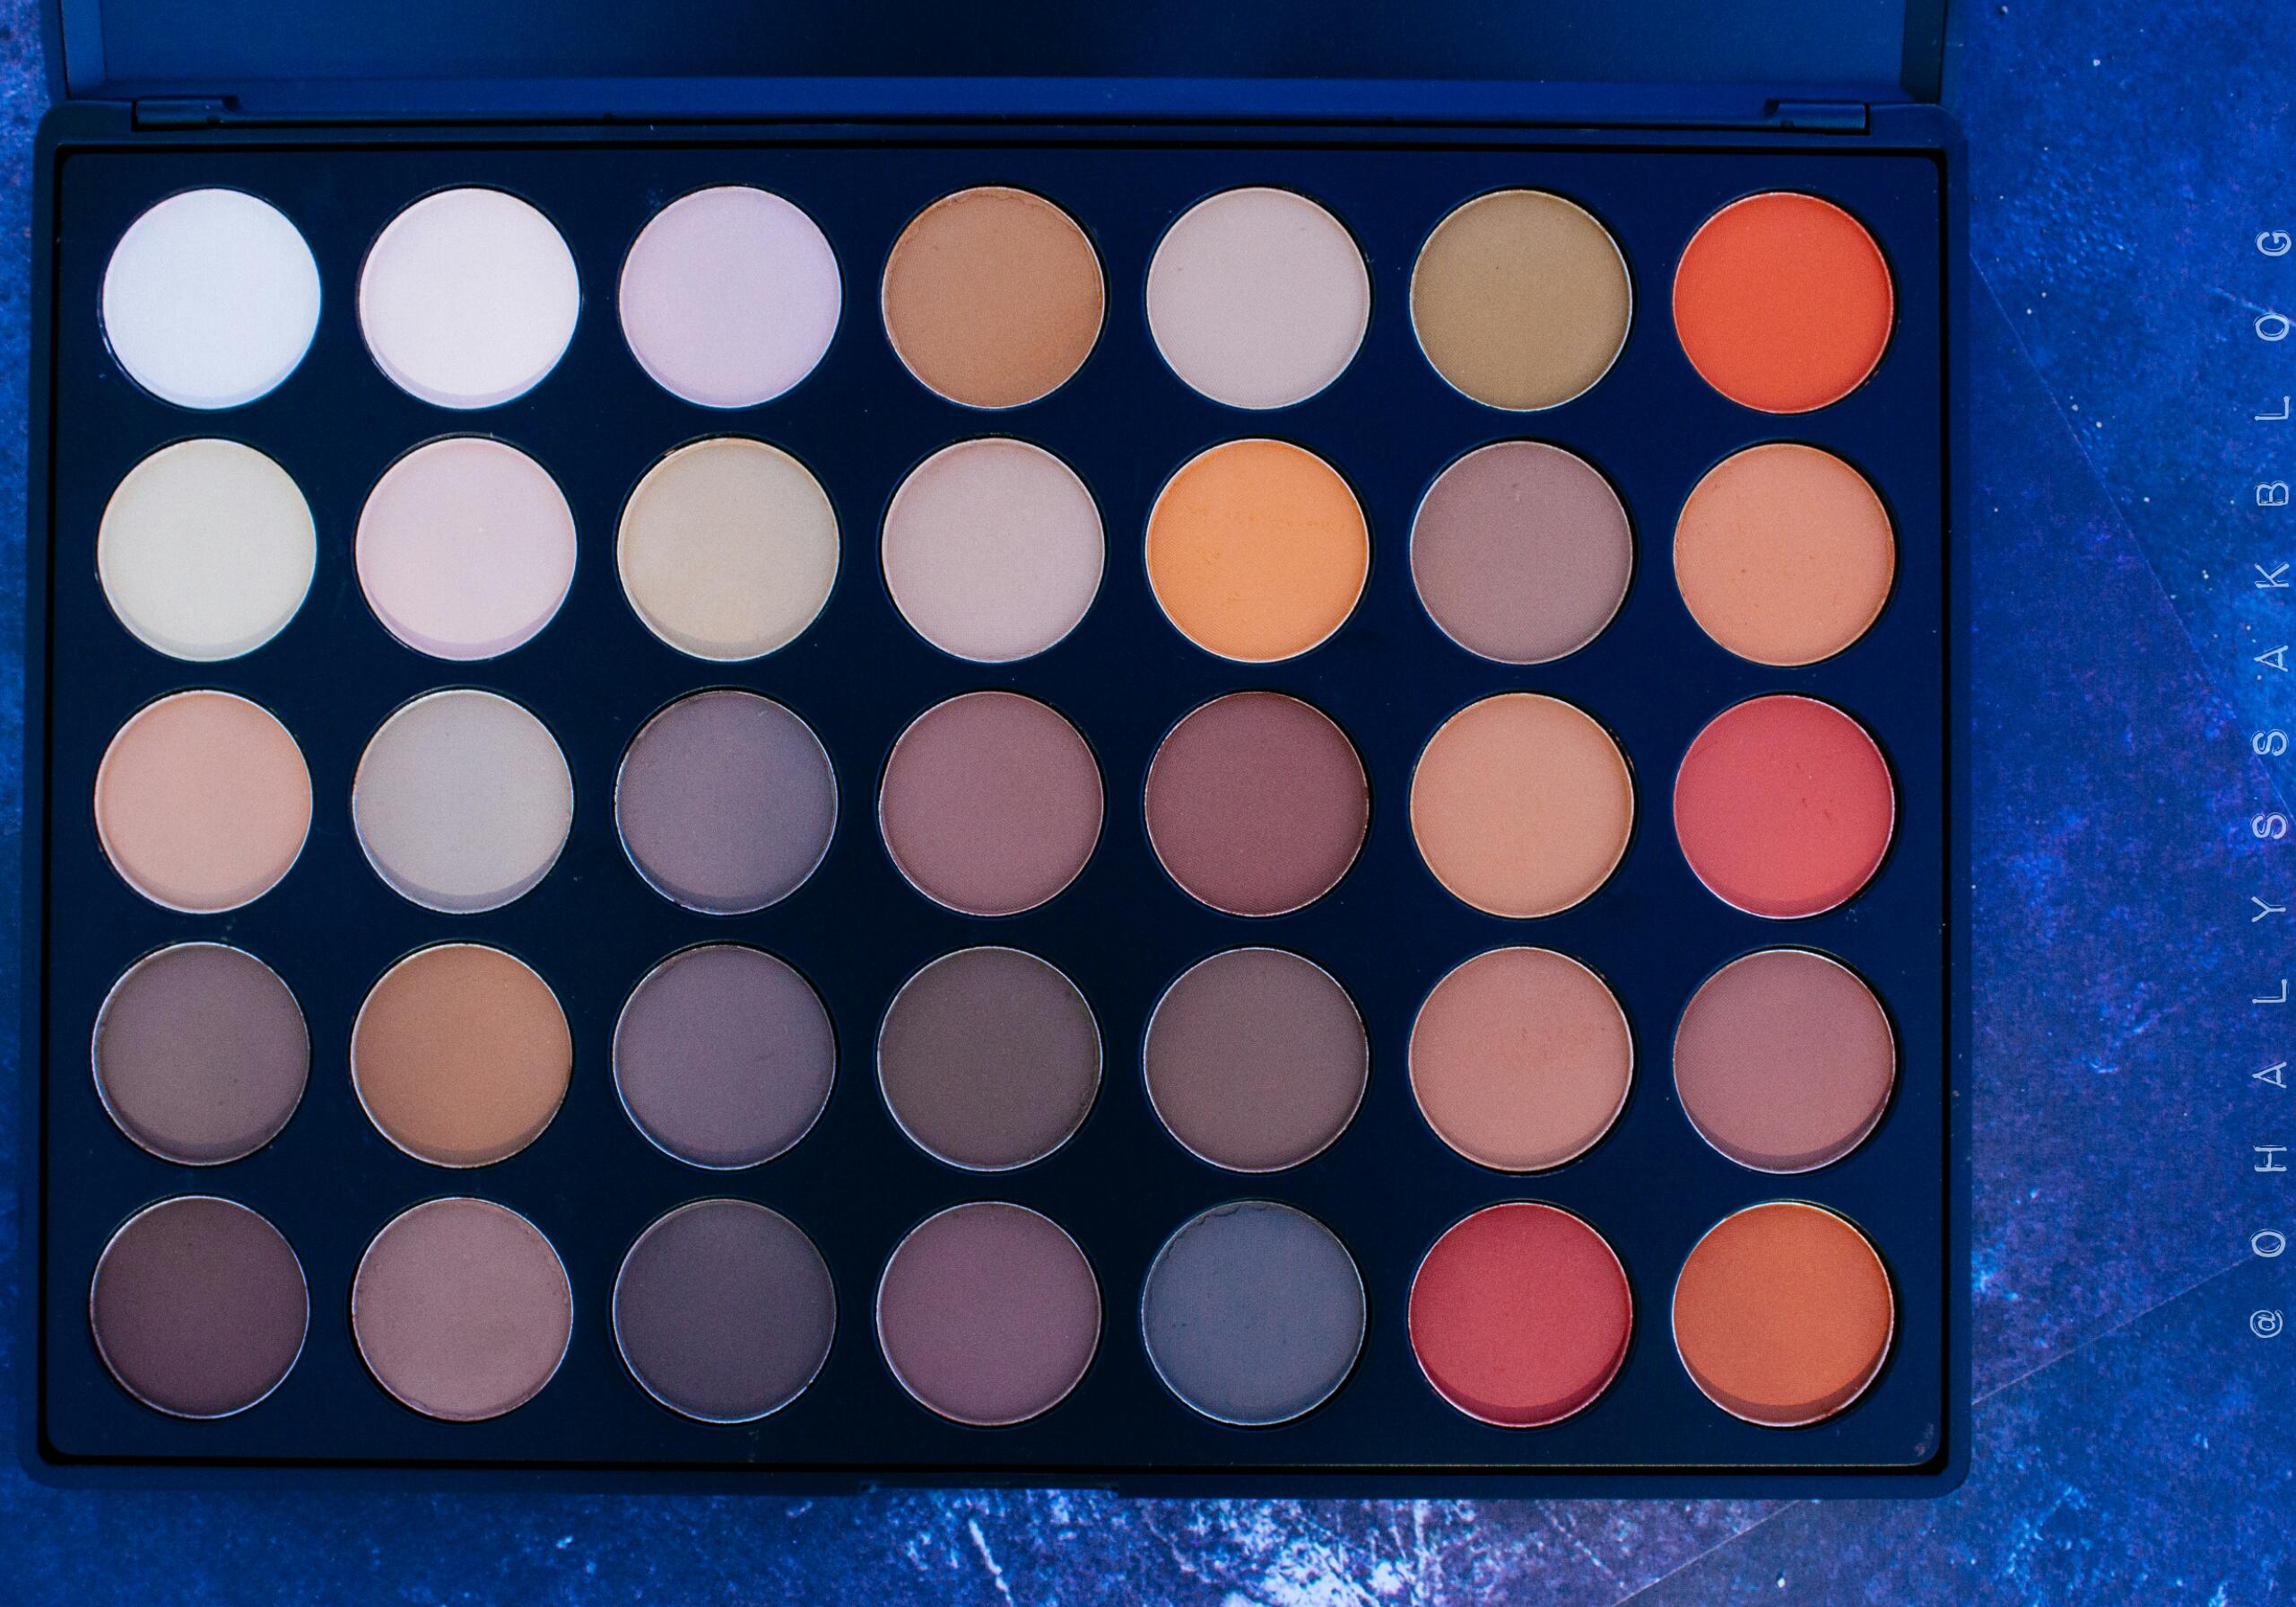 Morphe 35O Morphe 35O Matte Morphe Brushes Morphe Palettes Neutral Shadows Morphe Girl Los Angeles Makeup Indie Makeup